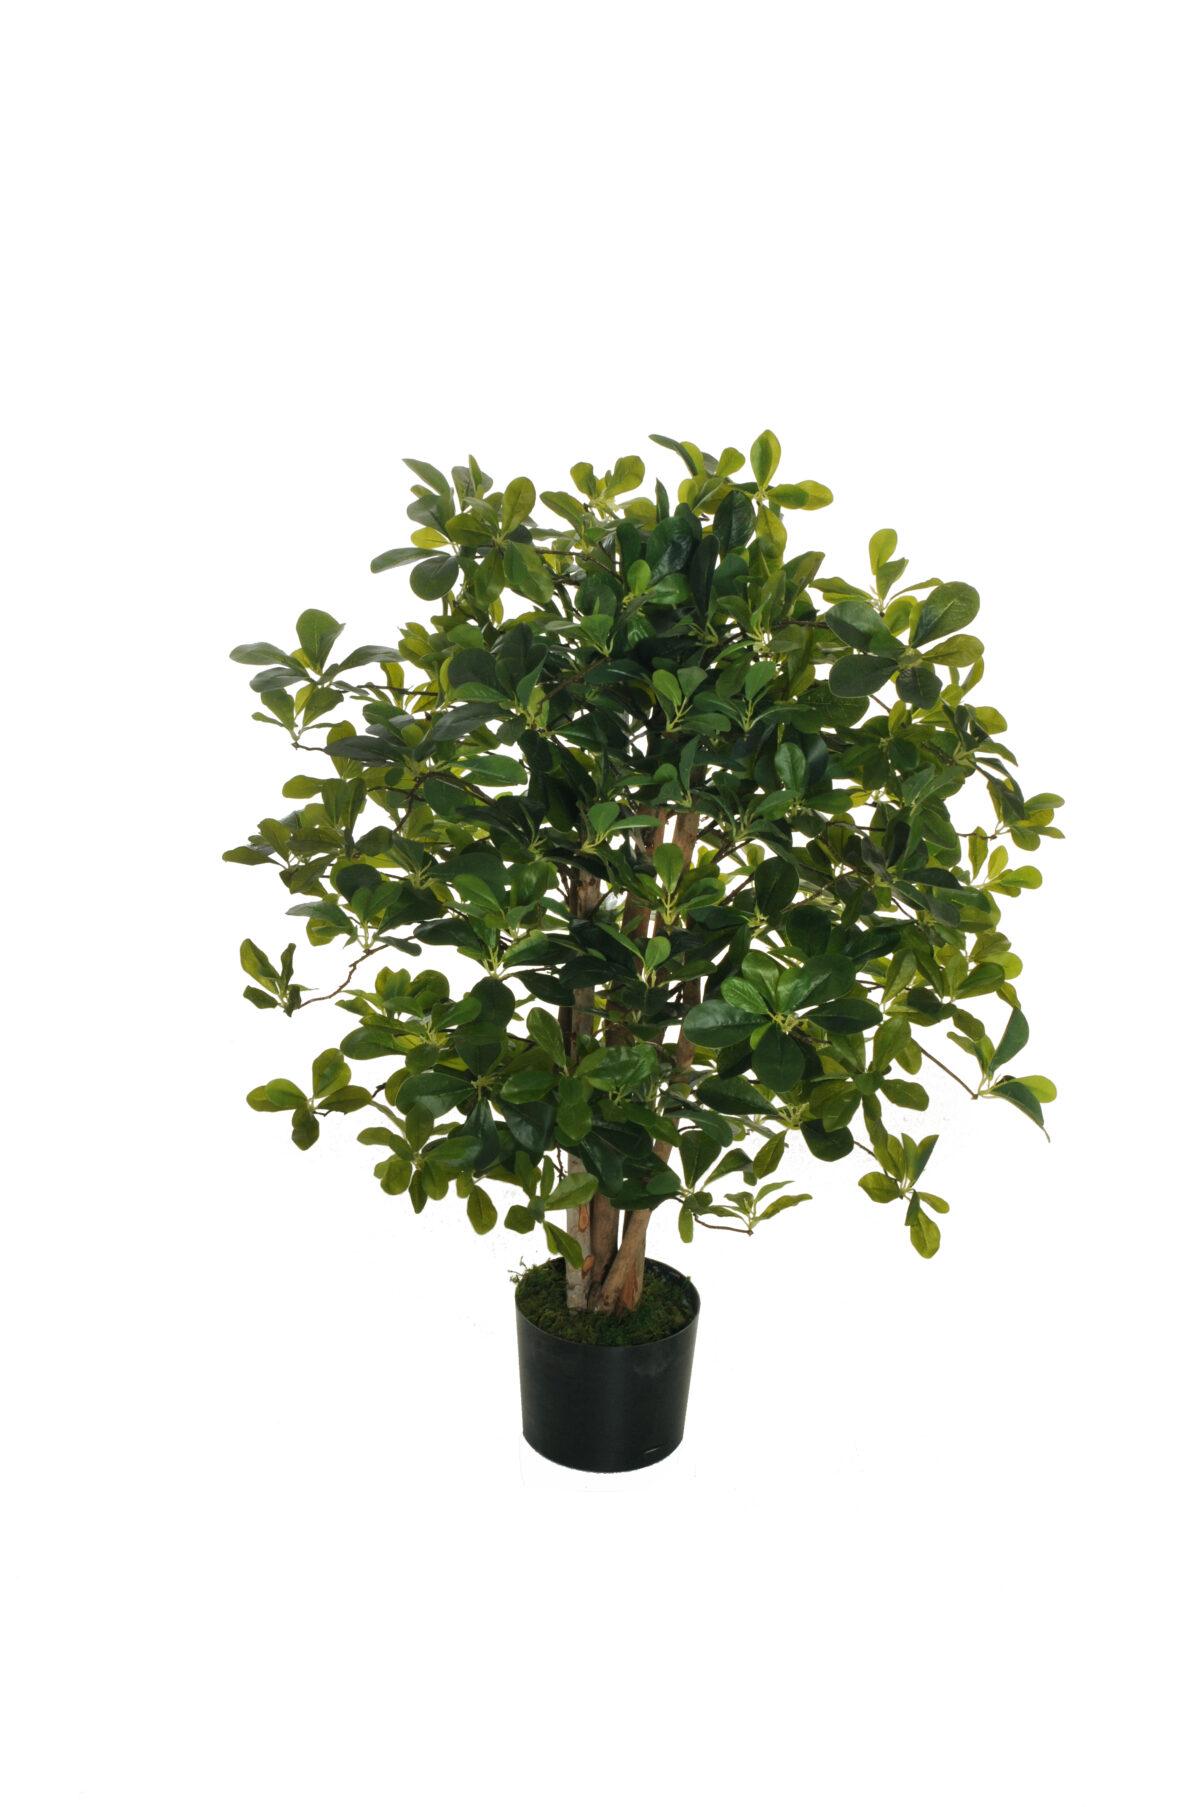 Pianta artificiale di Pitosforo o Pittosforum con 1176 foglie verde in vaso di plastica nero d. 17,5 x h. 14,5 cm, h. pianta 90 cm